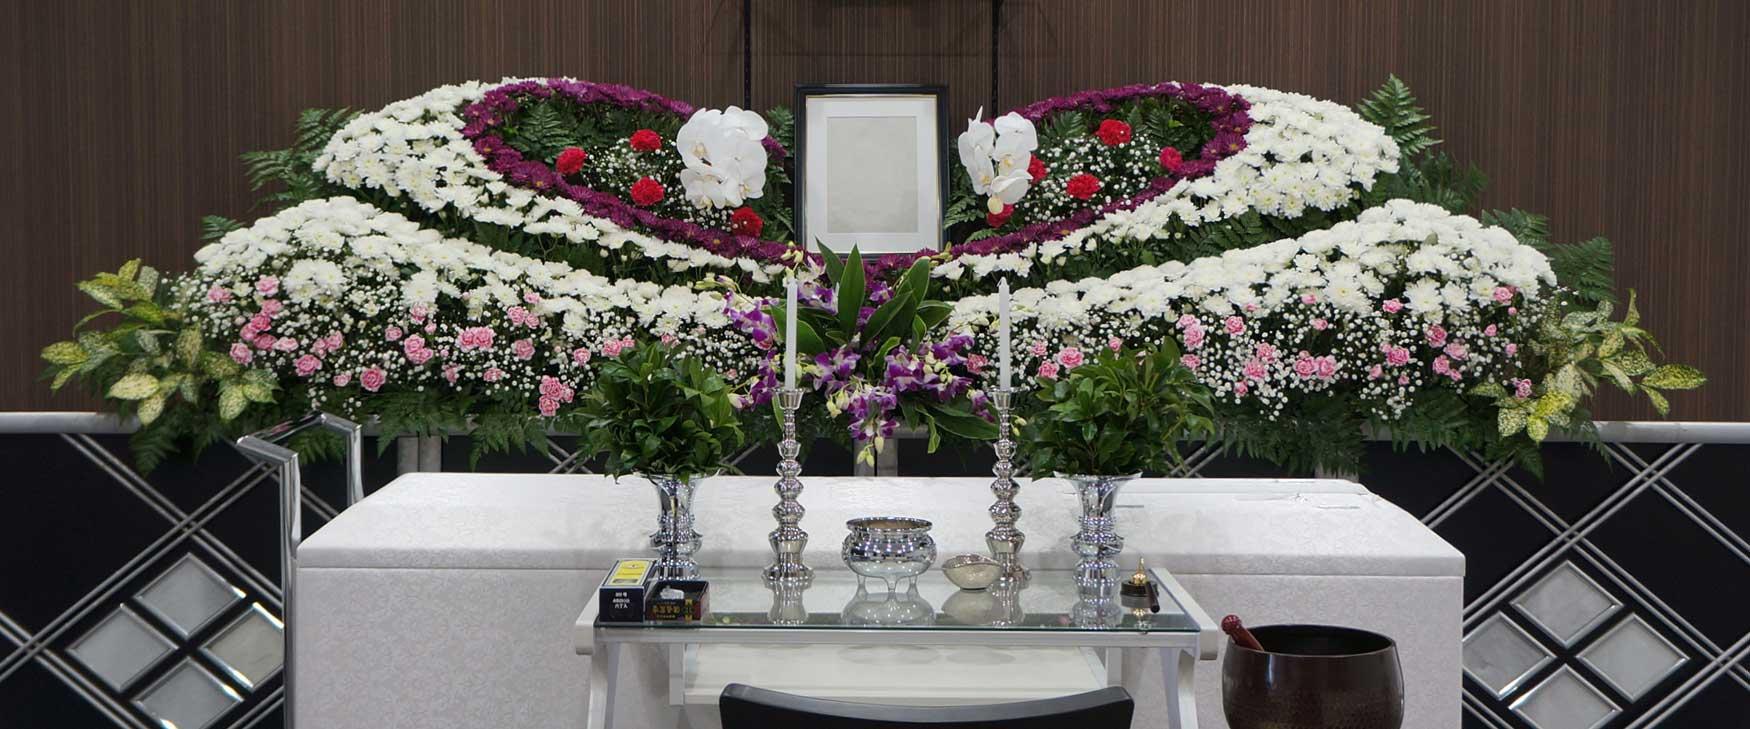 アーバン家族葬プランC ヘッダー画像